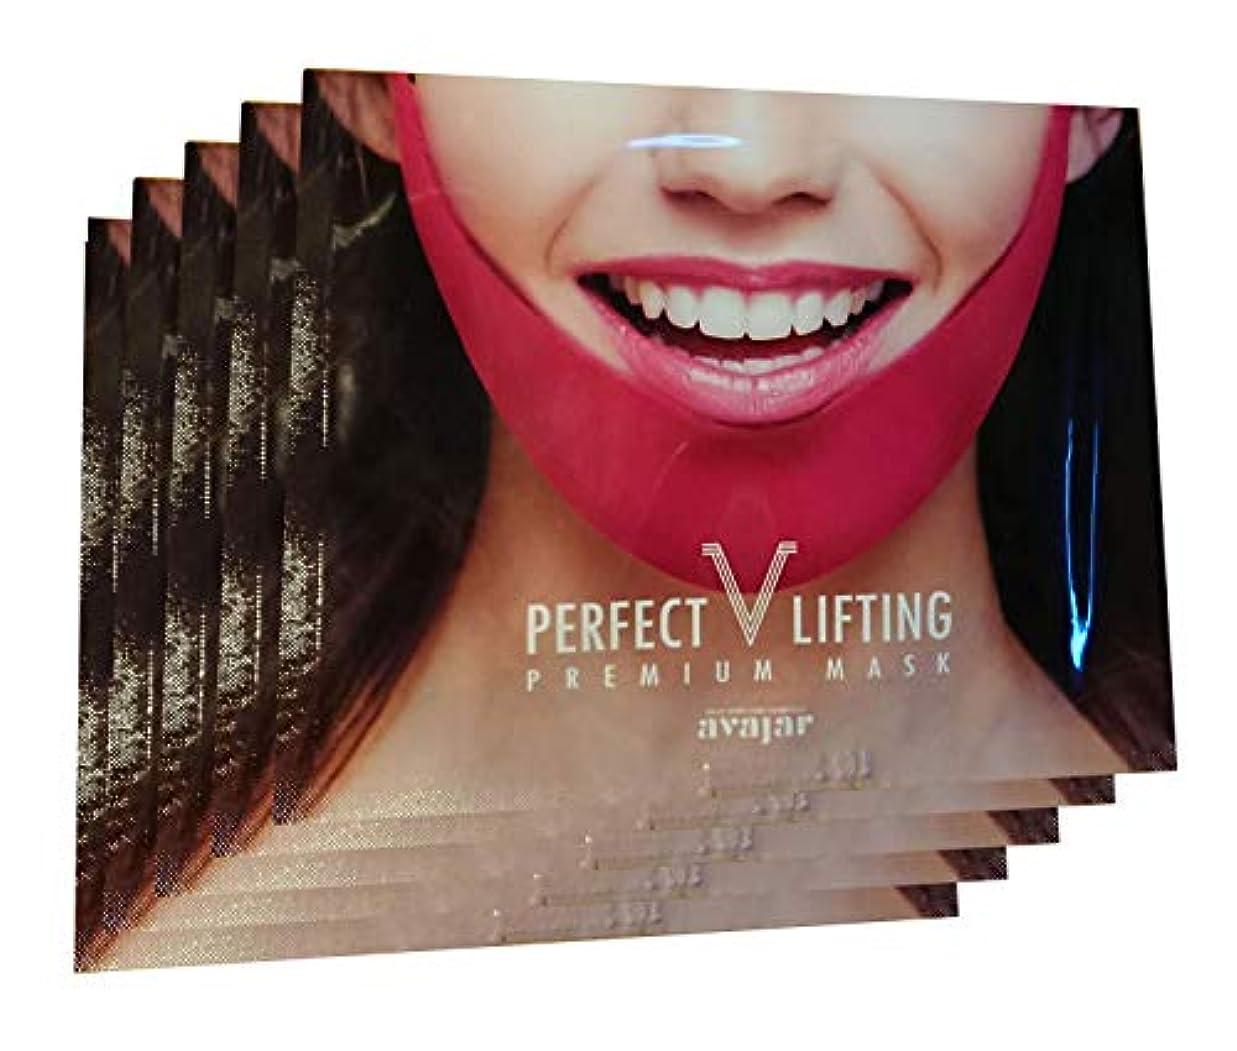 検査親愛な祖先Avajar 小顔効果と顎ラインを取り戻す! パーフェクトVリフティング 1パック